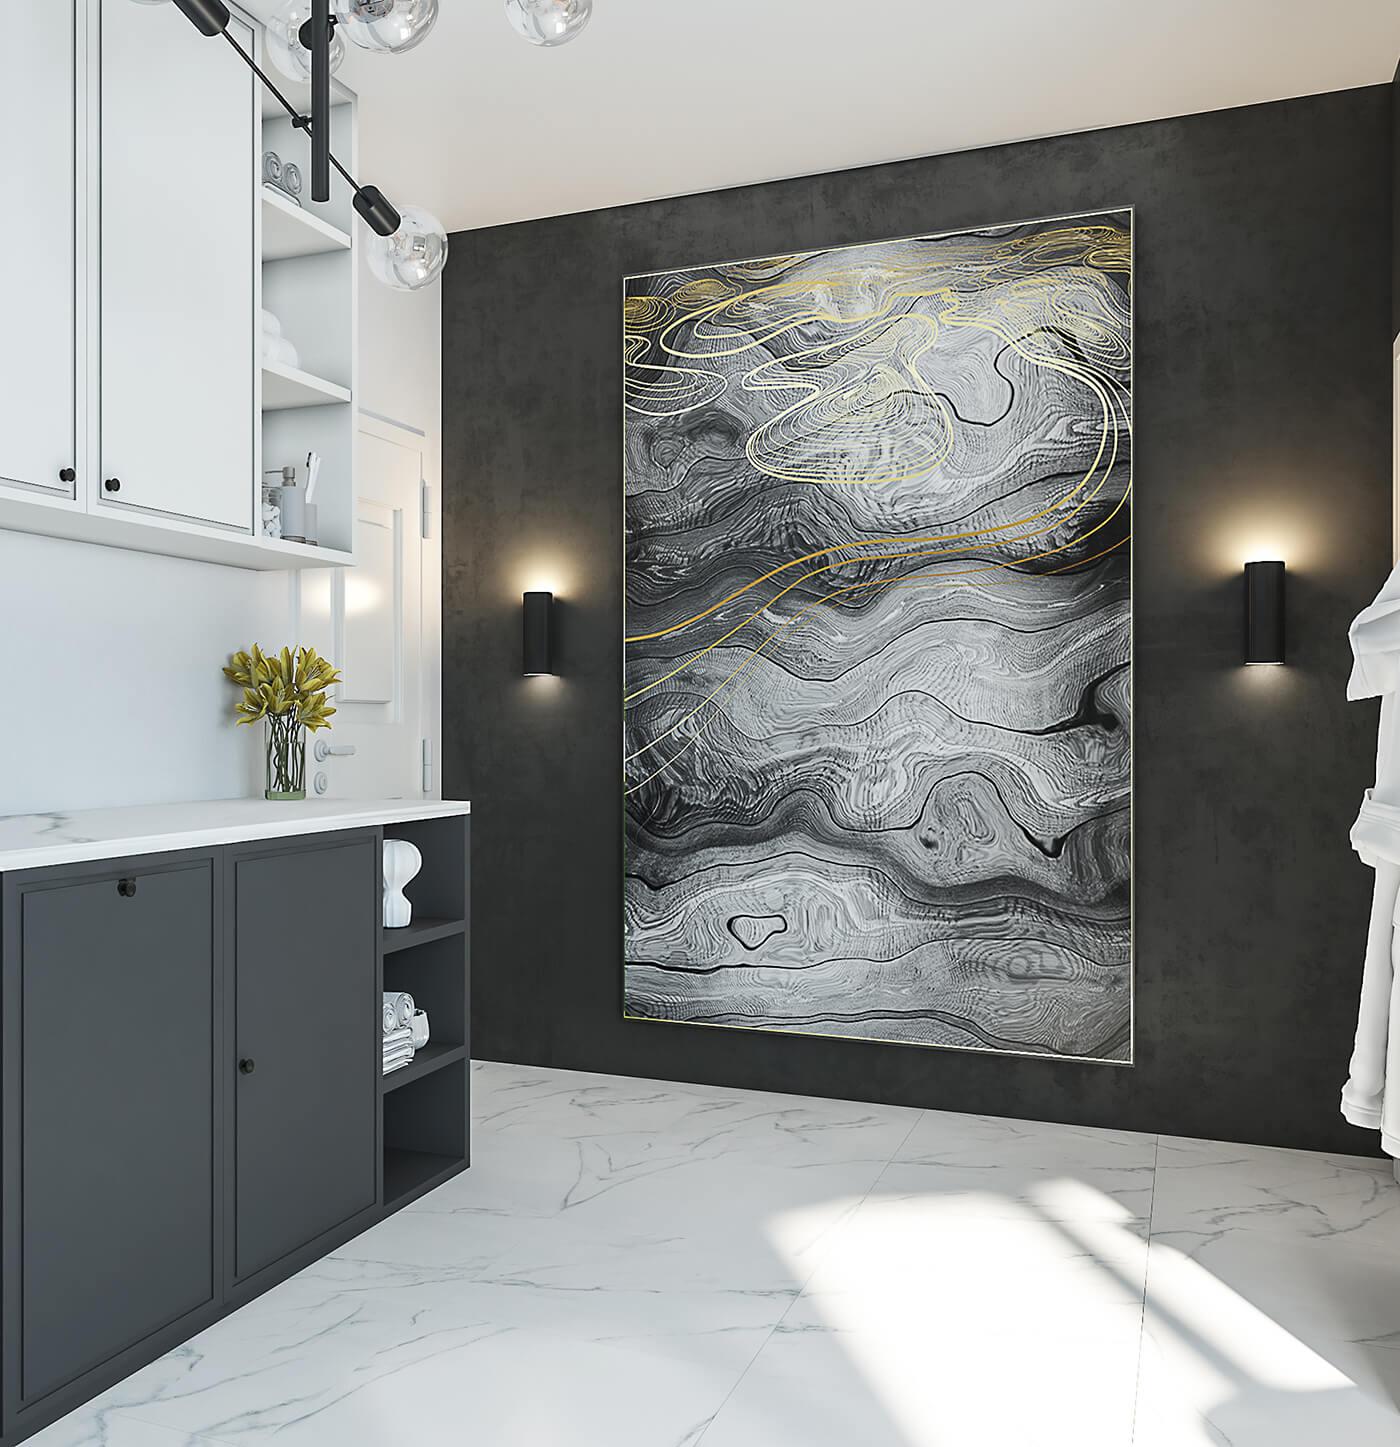 interioren-dizain-proekt-na-mokro-pomeshtenie